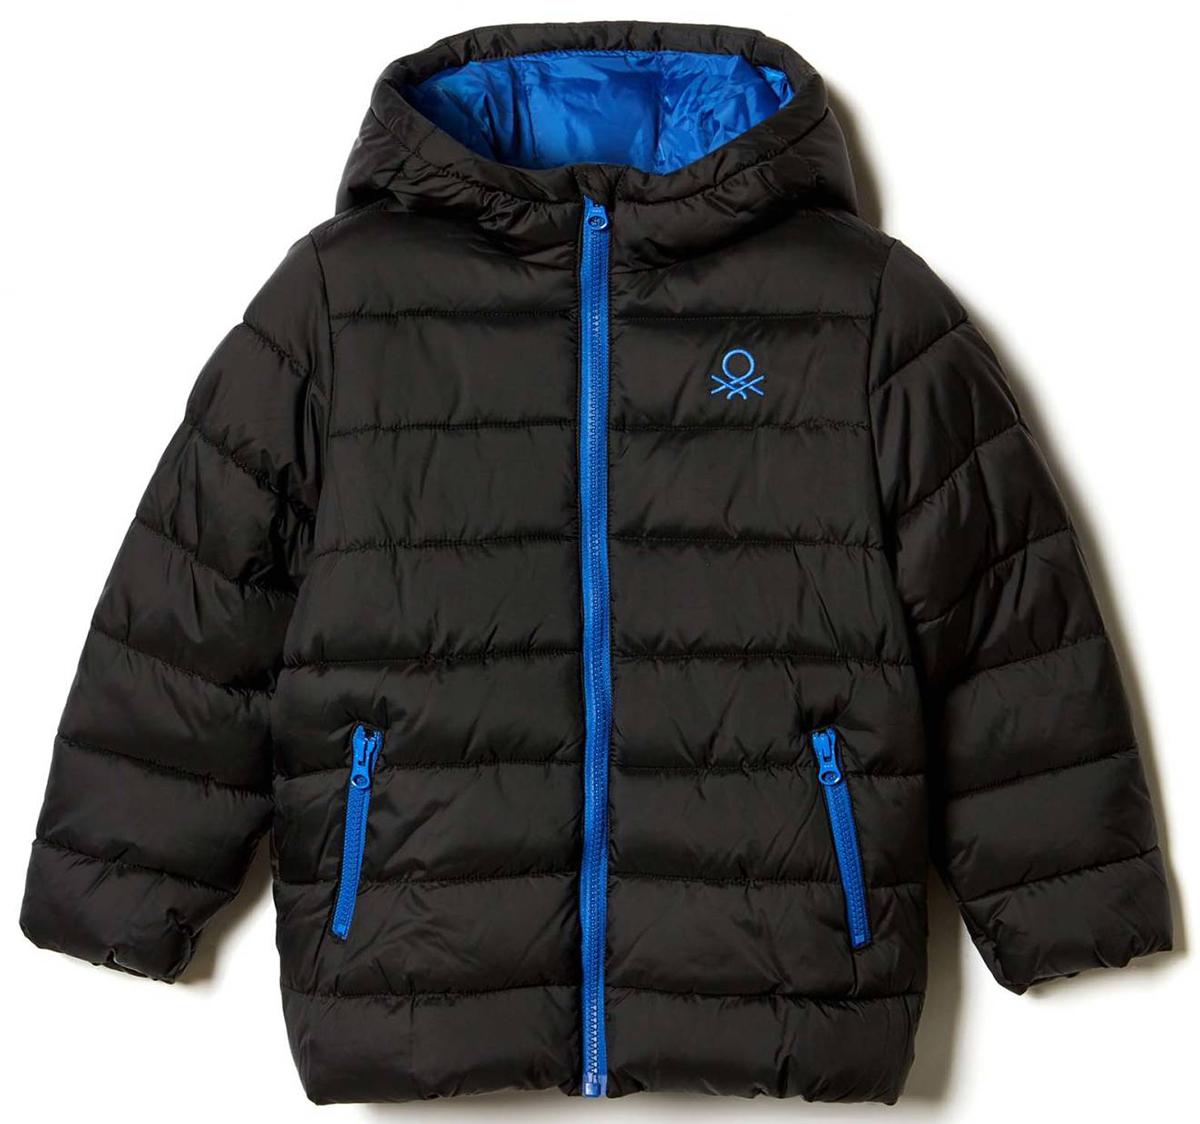 Куртка для мальчика United Colors of Benetton, цвет: черный. 2WU0539Q0_100. Размер 1402WU0539Q0_100Куртка для мальчика United Colors of Benetton выполнена из полиэстера. Модель с капюшоном и длинными рукавами застегивается на застежку-молнию.